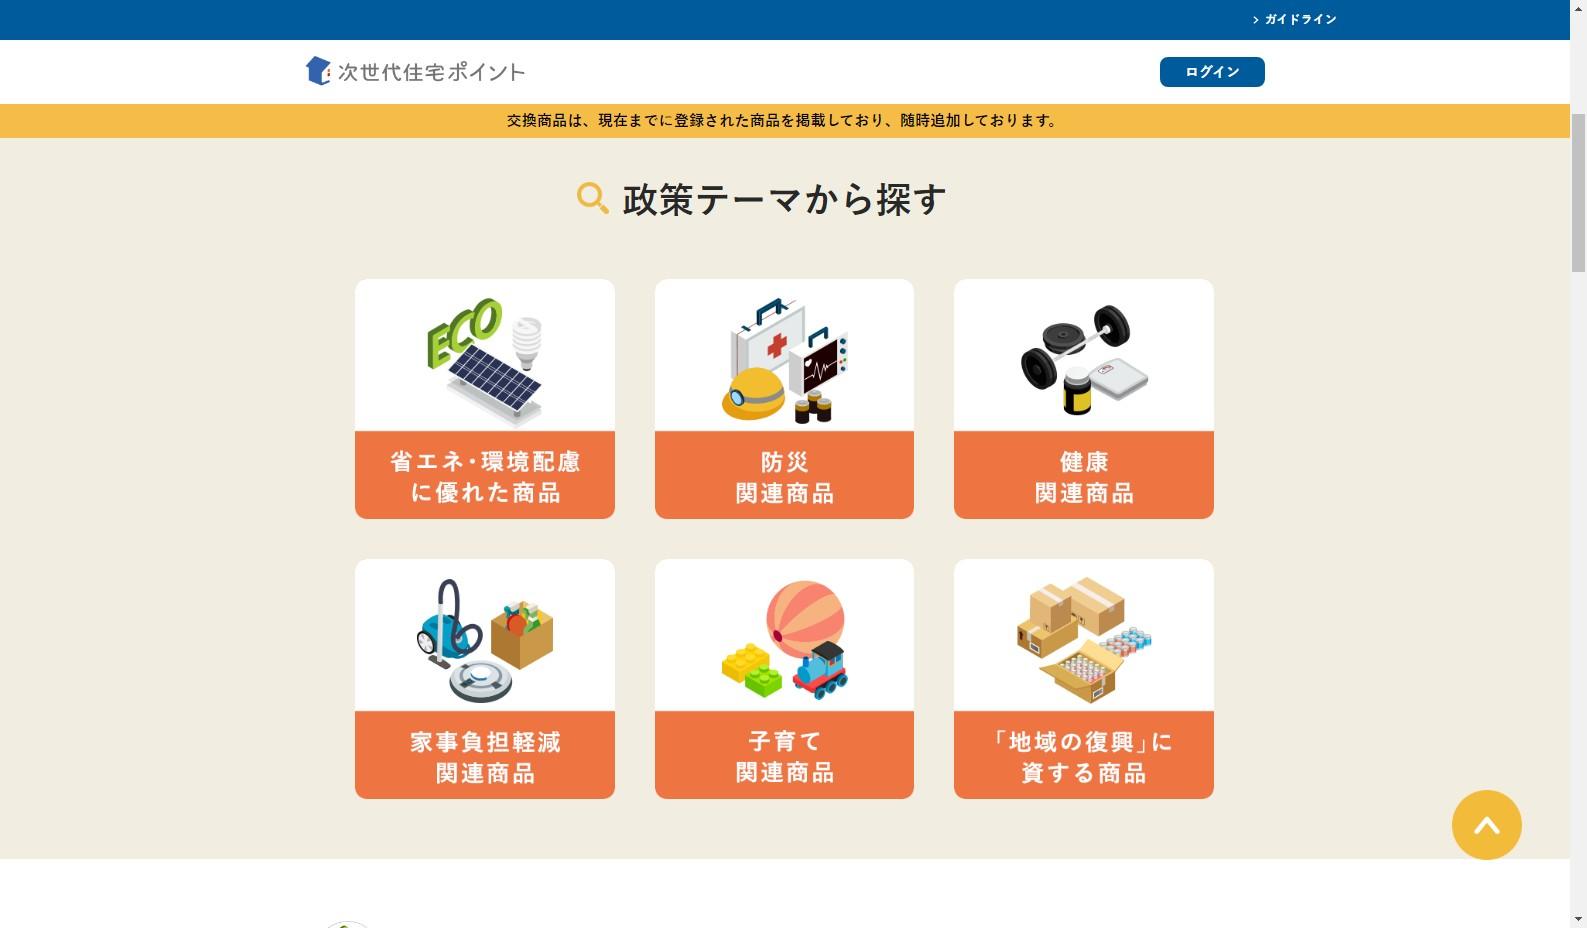 交換対象商品検索画面